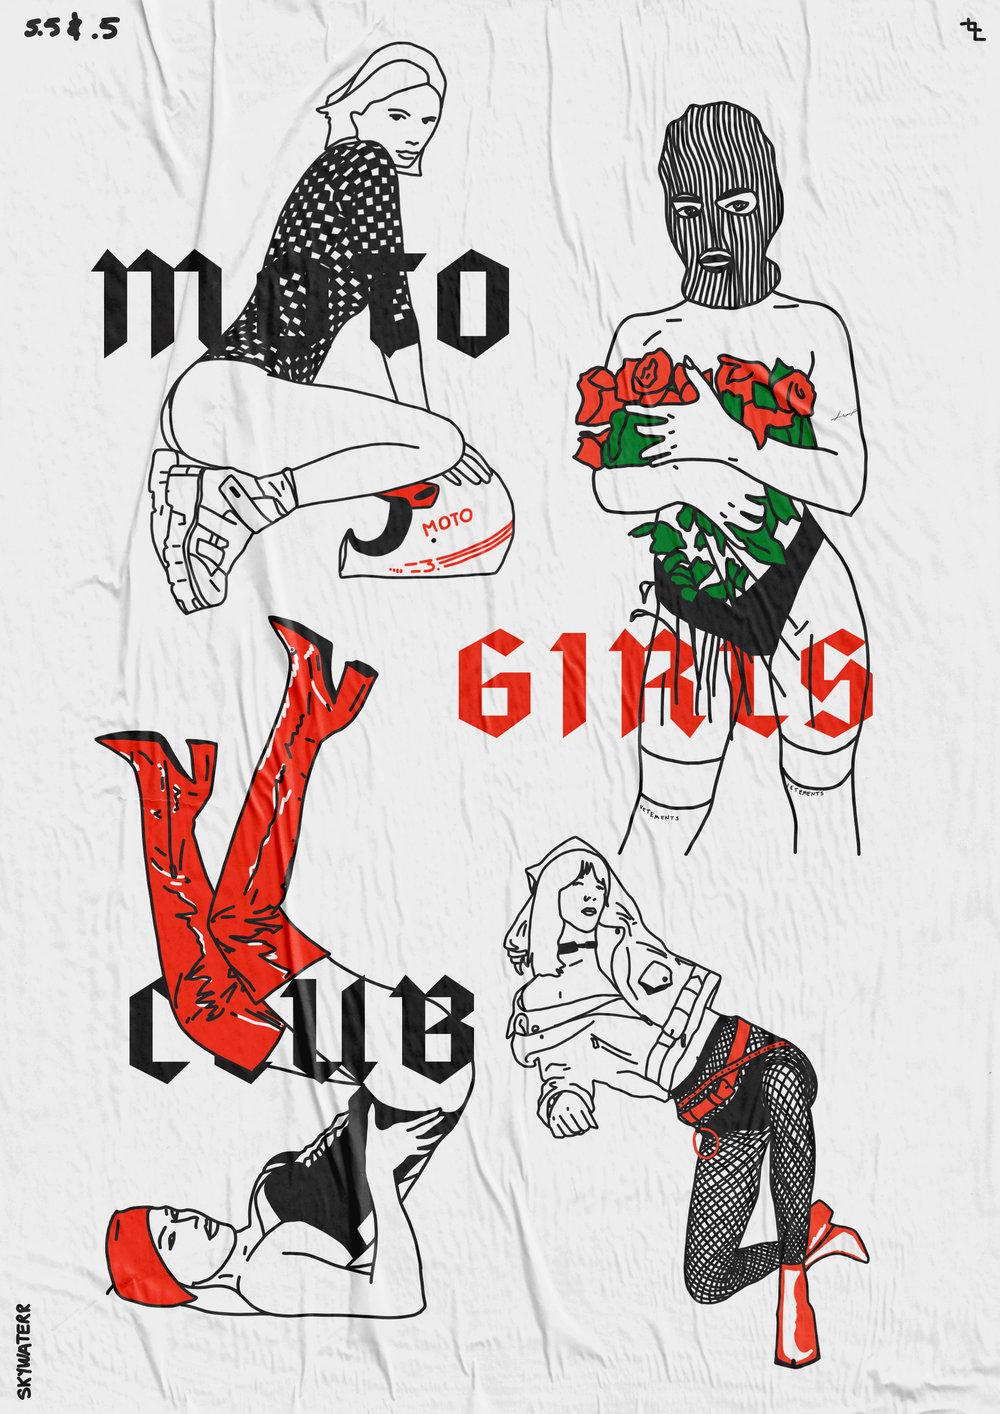 MOTO_GIRLS_POSTER_SAMPLE.jpg